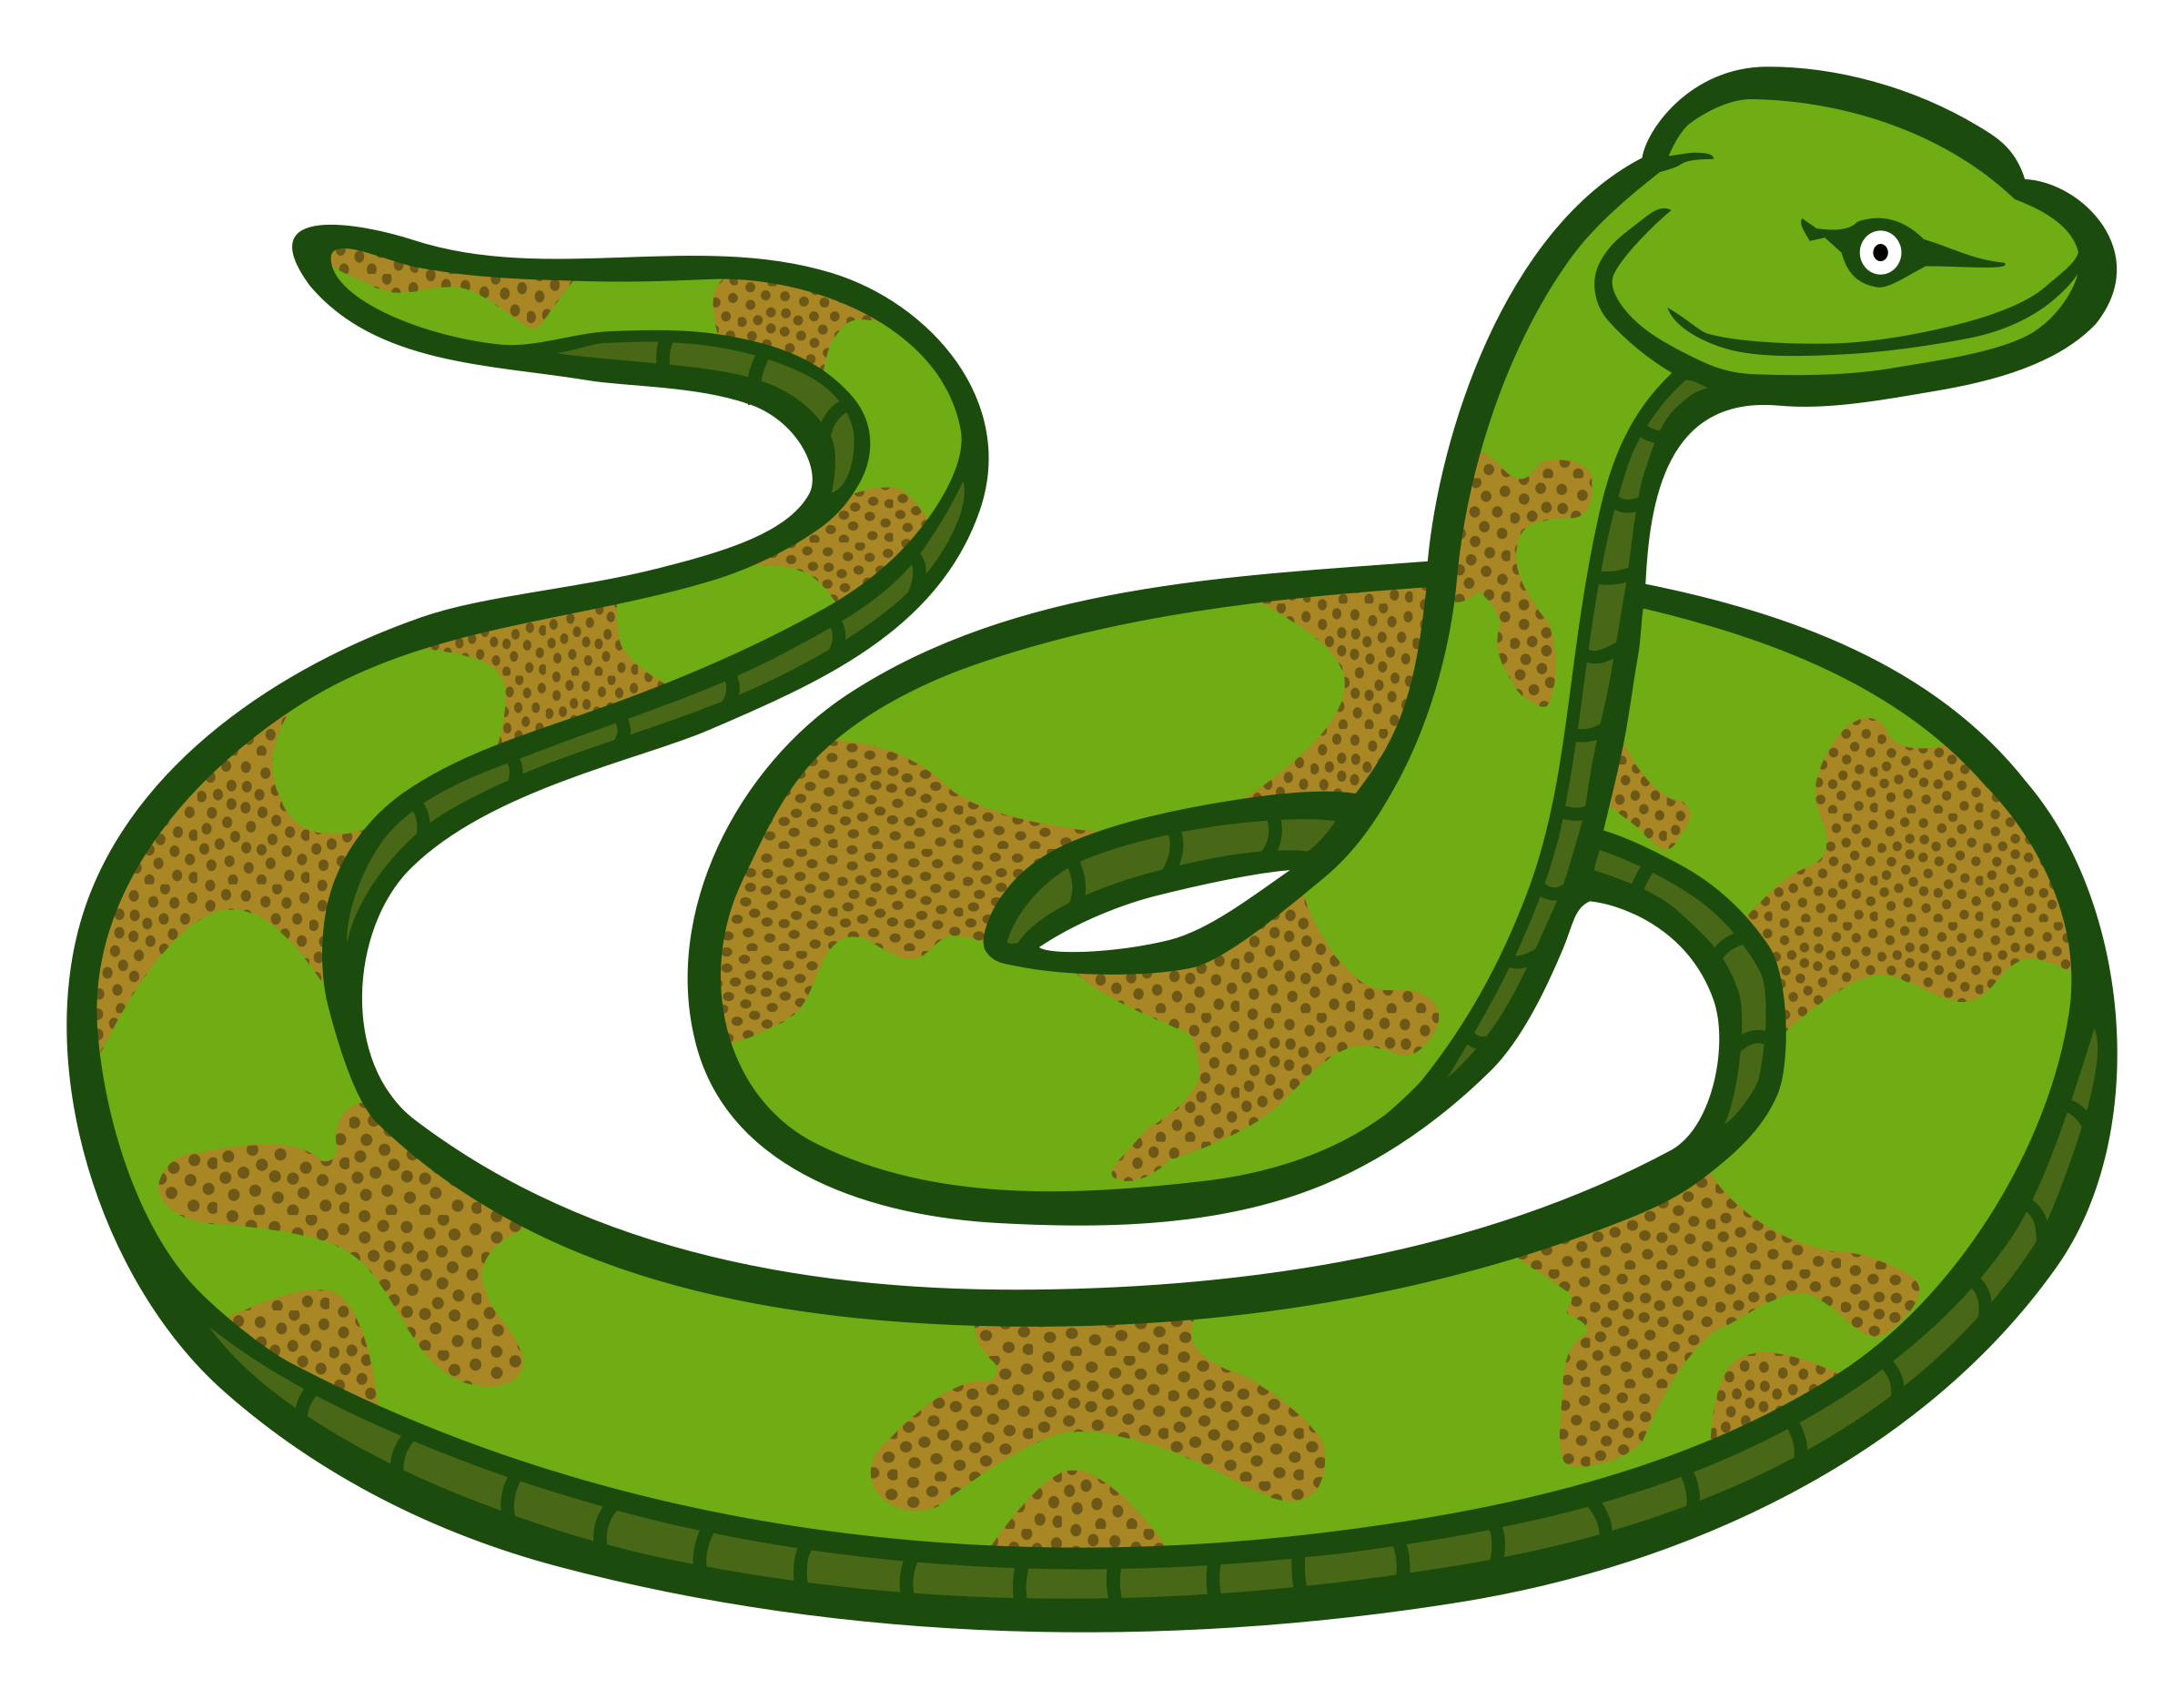 2400x1867 Snake Clip Art Amp Snake Clipart Images